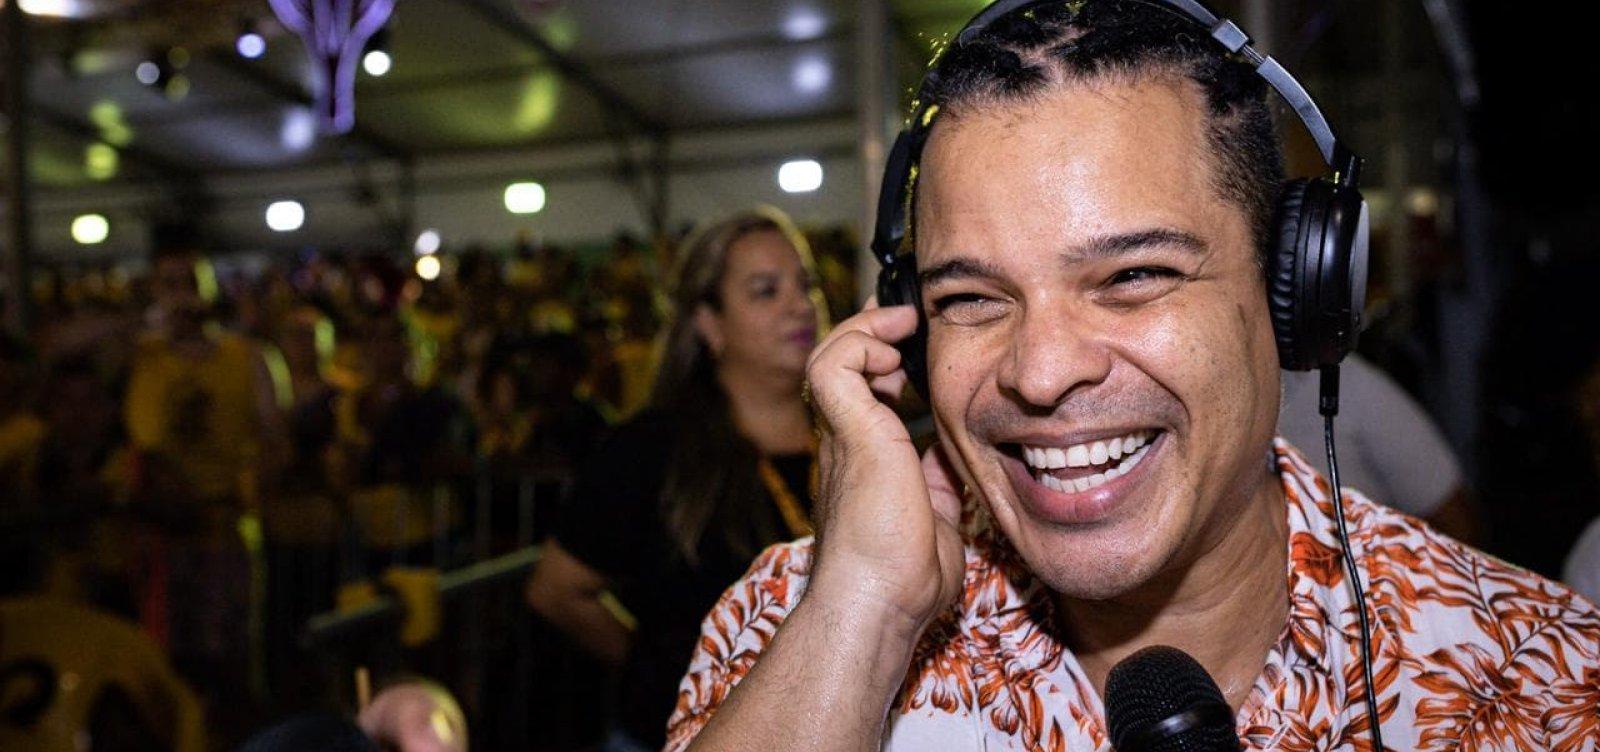 [Adelmo Casé elogia carnaval de rua e projeta: 'Ano que vem estarei com minha pipoquinha']